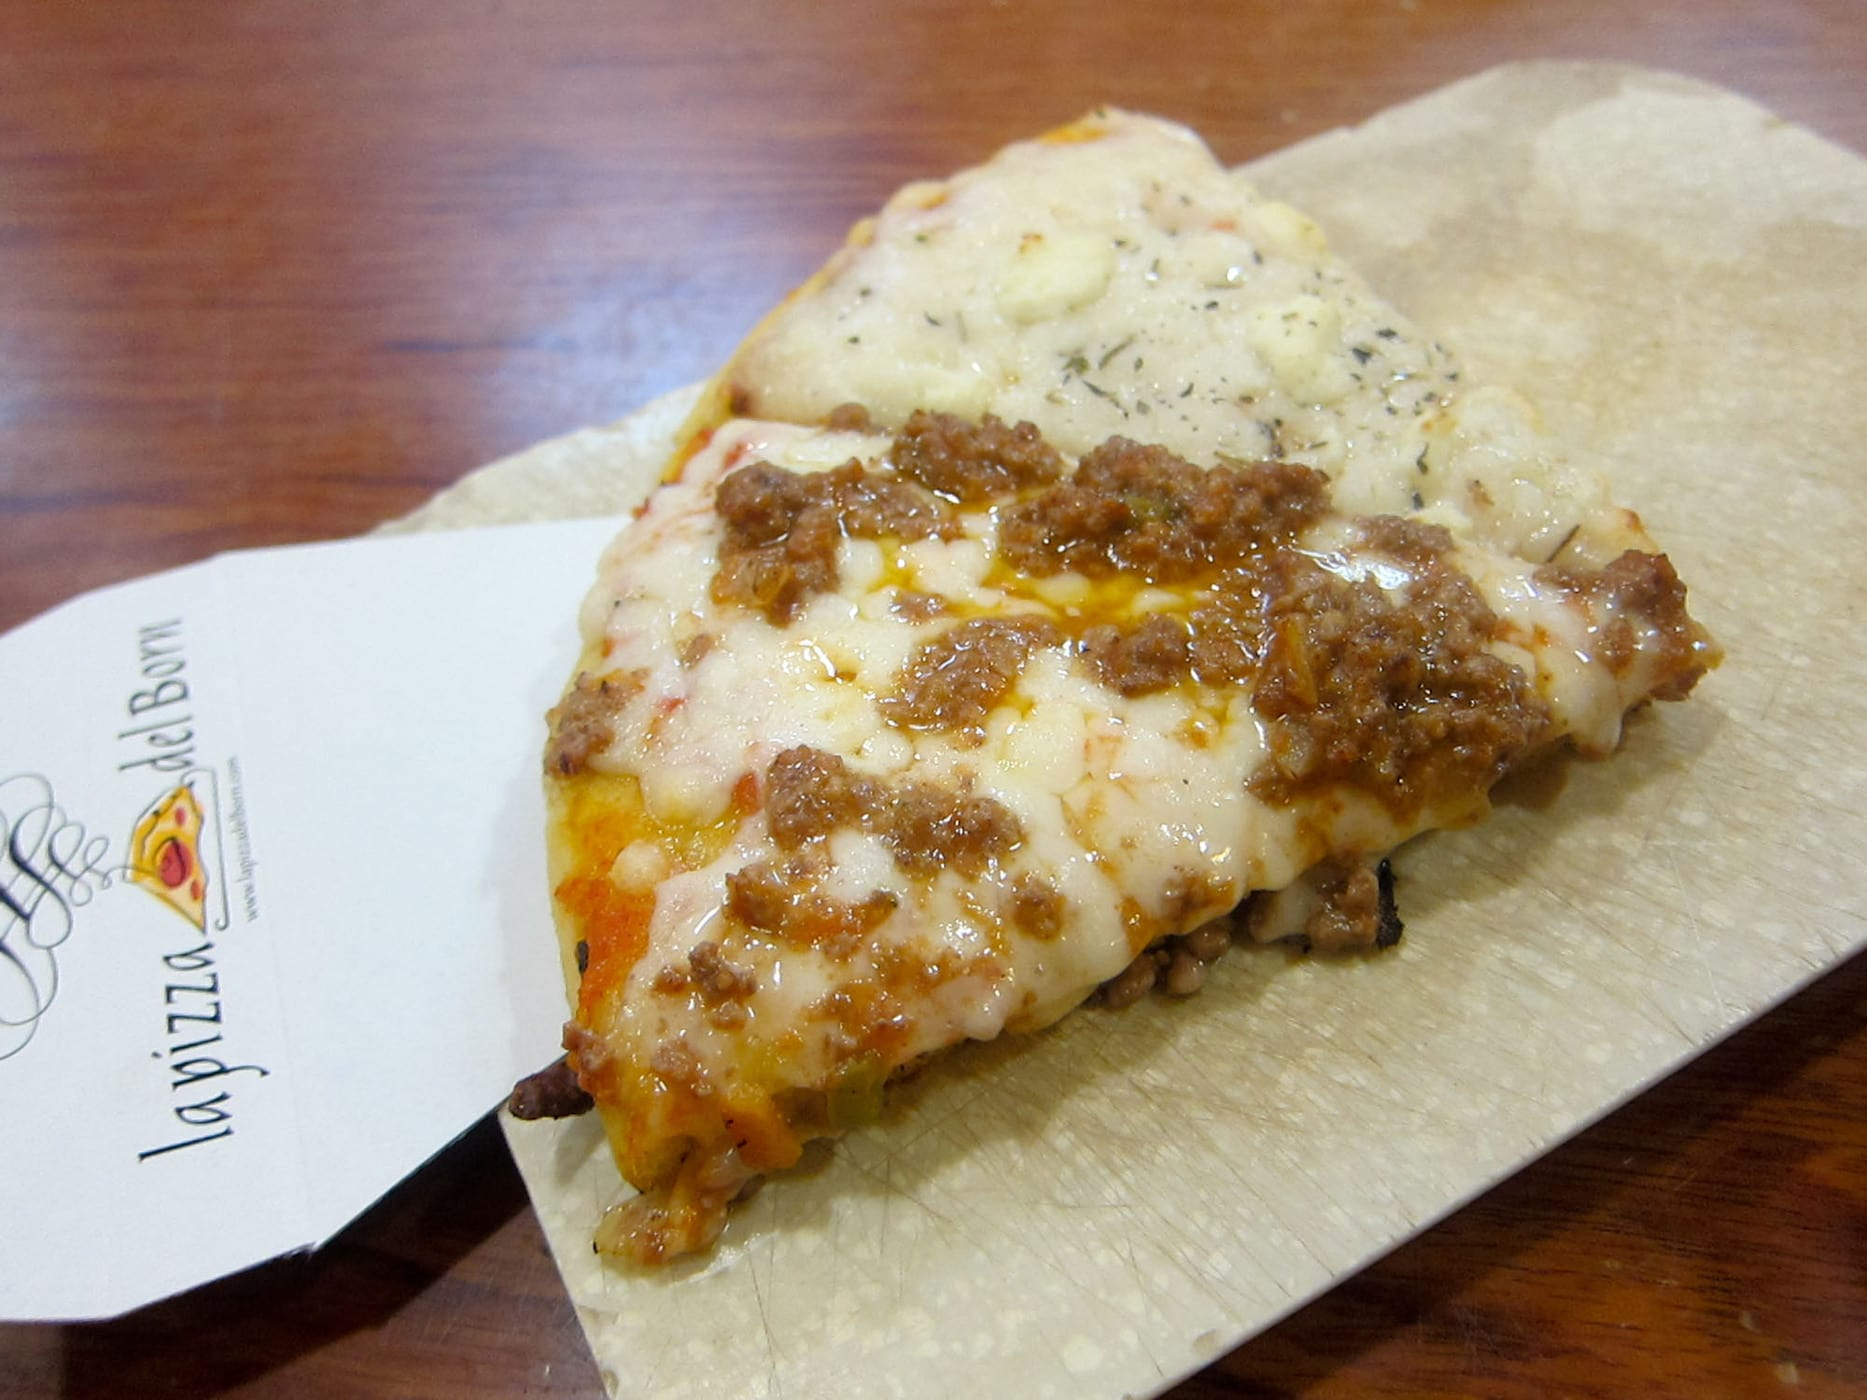 La Pizza Del Born in Barcelona, Spain.